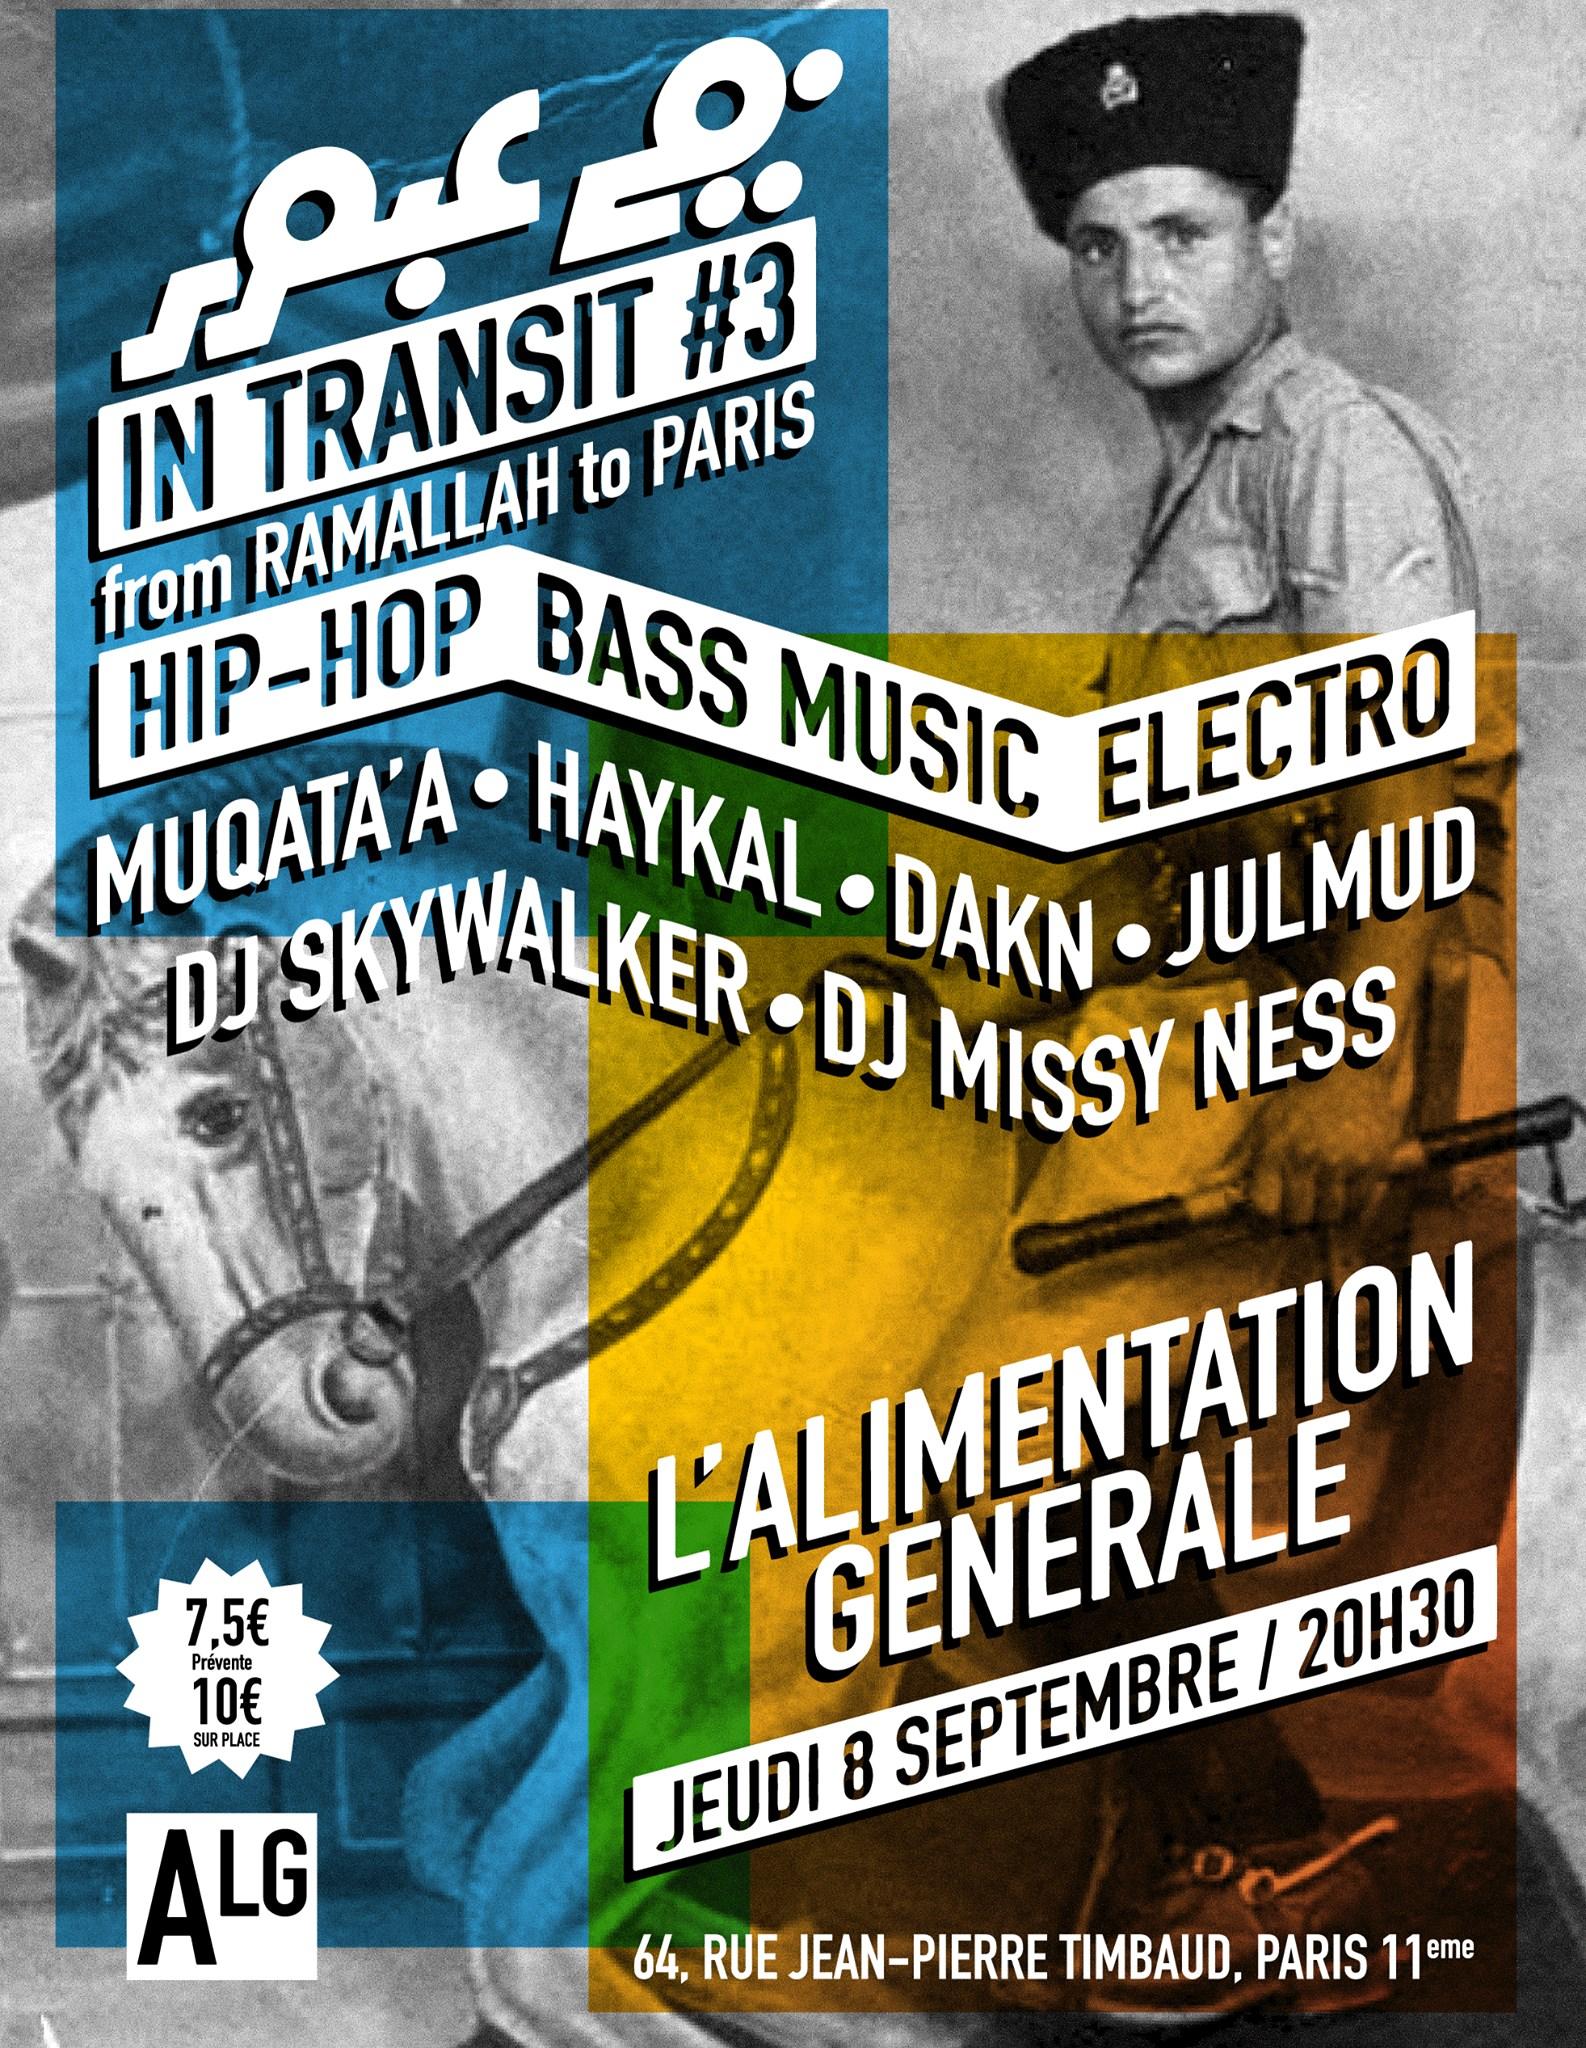 Soirée 'In Transit #3 : From Ramallah to Paris' le 08 septembre 2016 à Paris